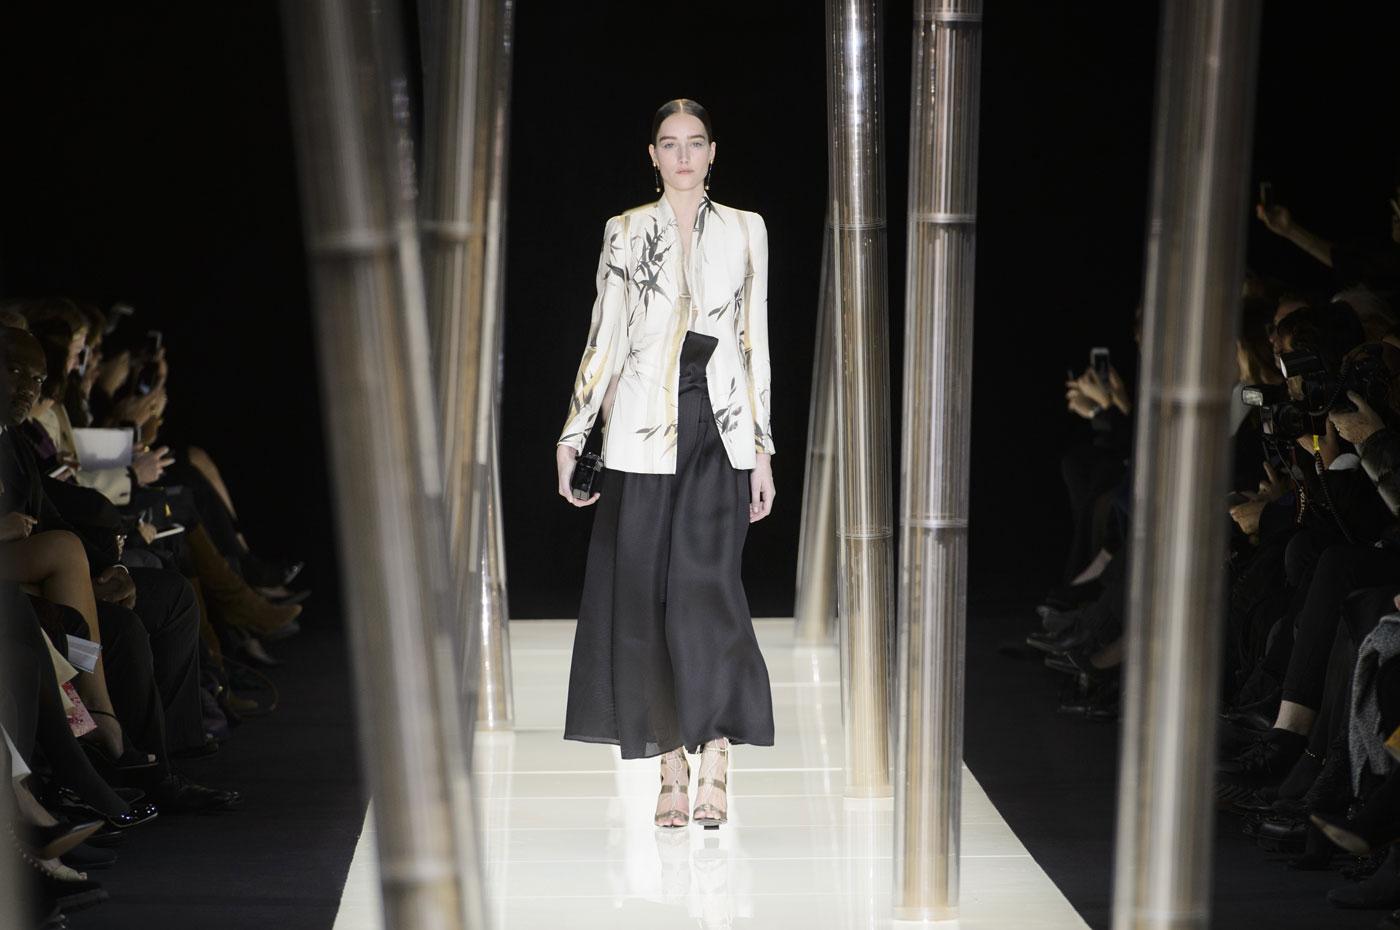 Giorgio-armani-Prive-fashion-runway-show-haute-couture-paris-spring-2015-the-impression-004